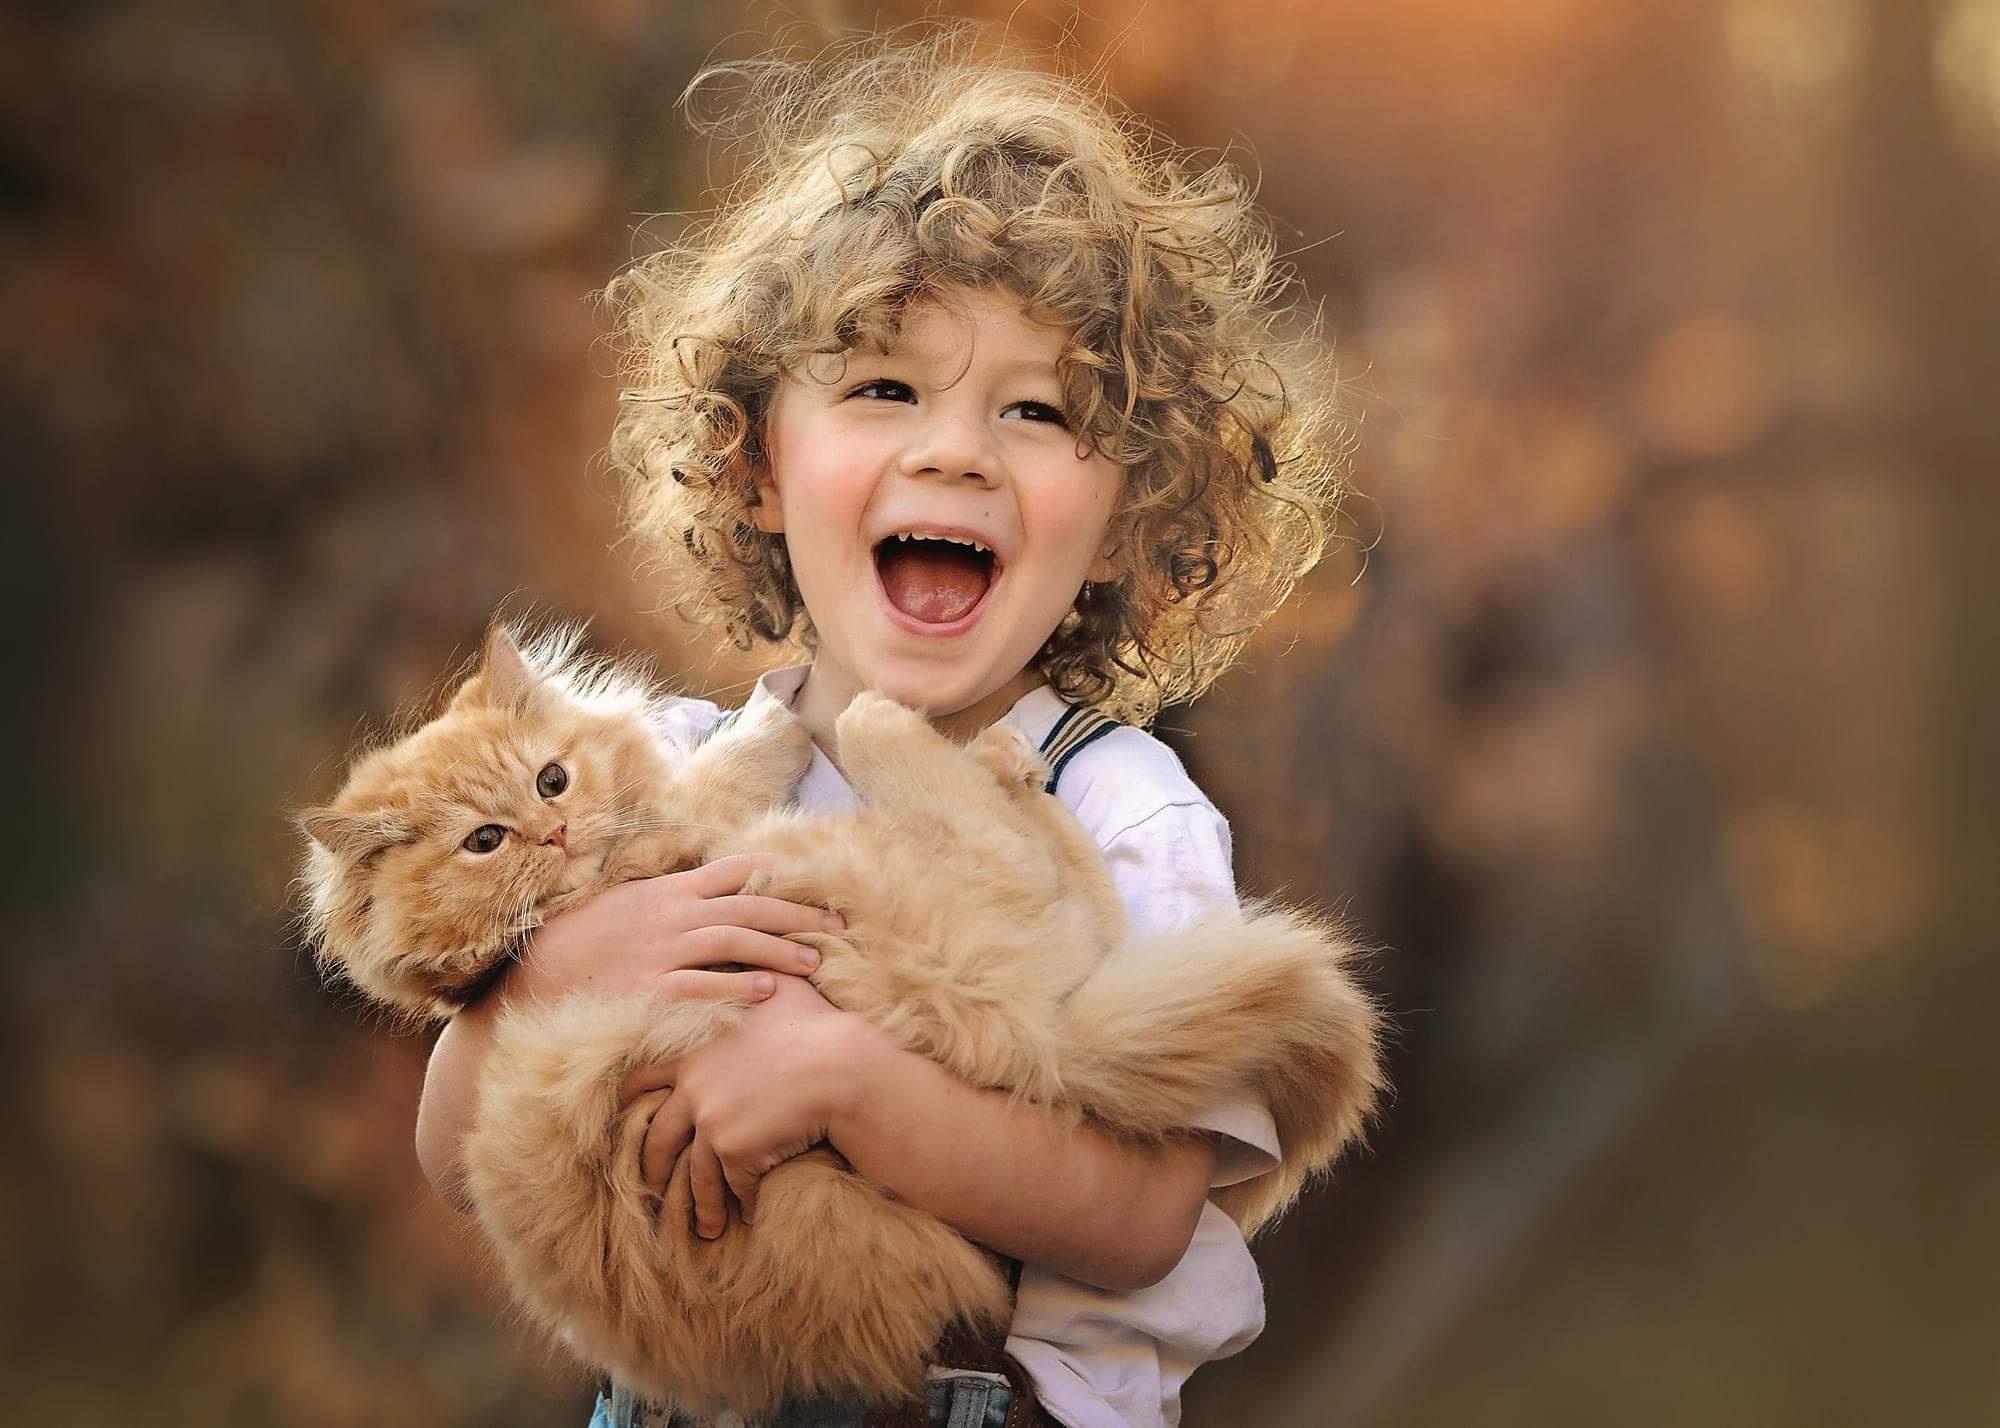 Счастье - это дружба с животными. Счастье есть!